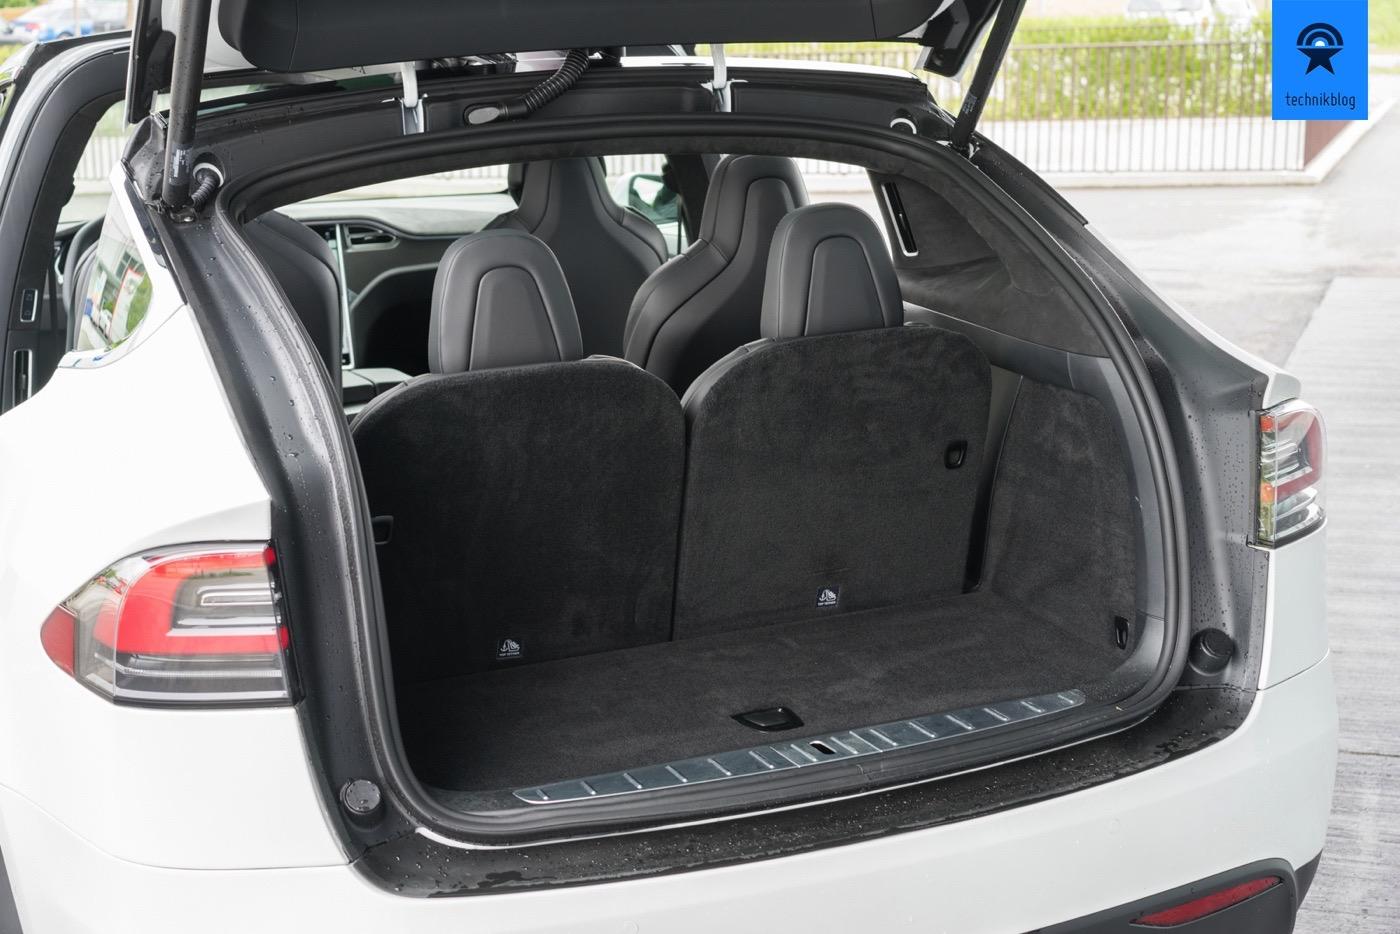 Kofferraum des Tesla Model X mit dritter Sitzreihe